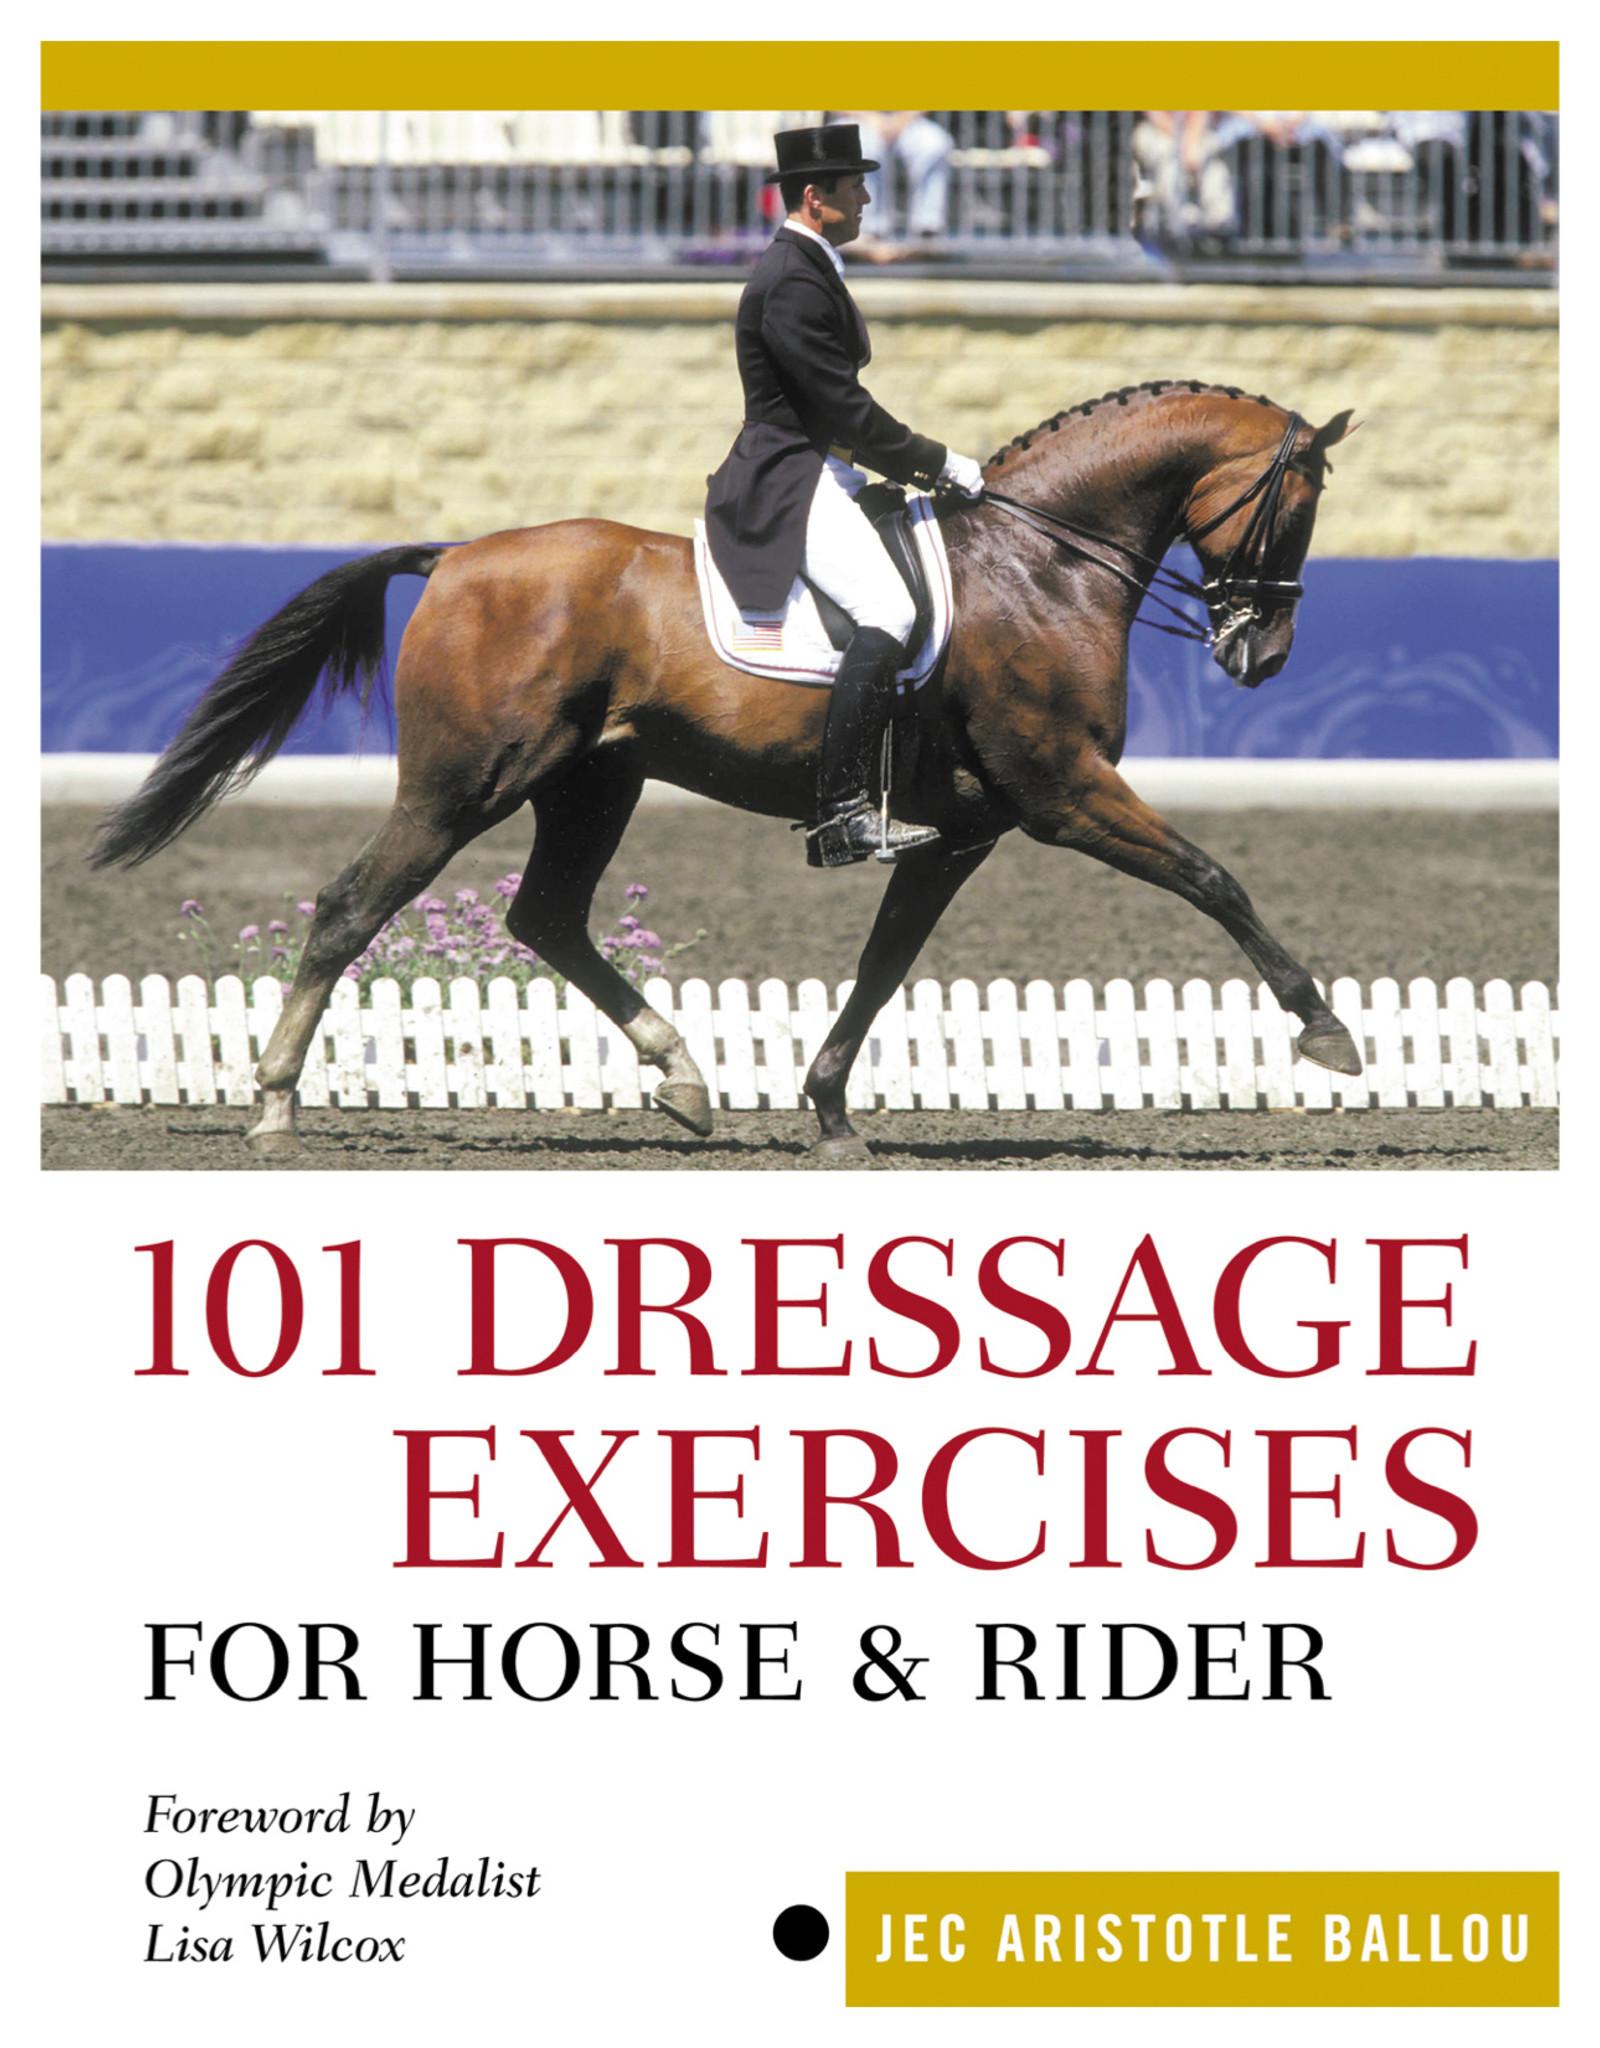 101 Dressage Exercises Calabasas Saddlery